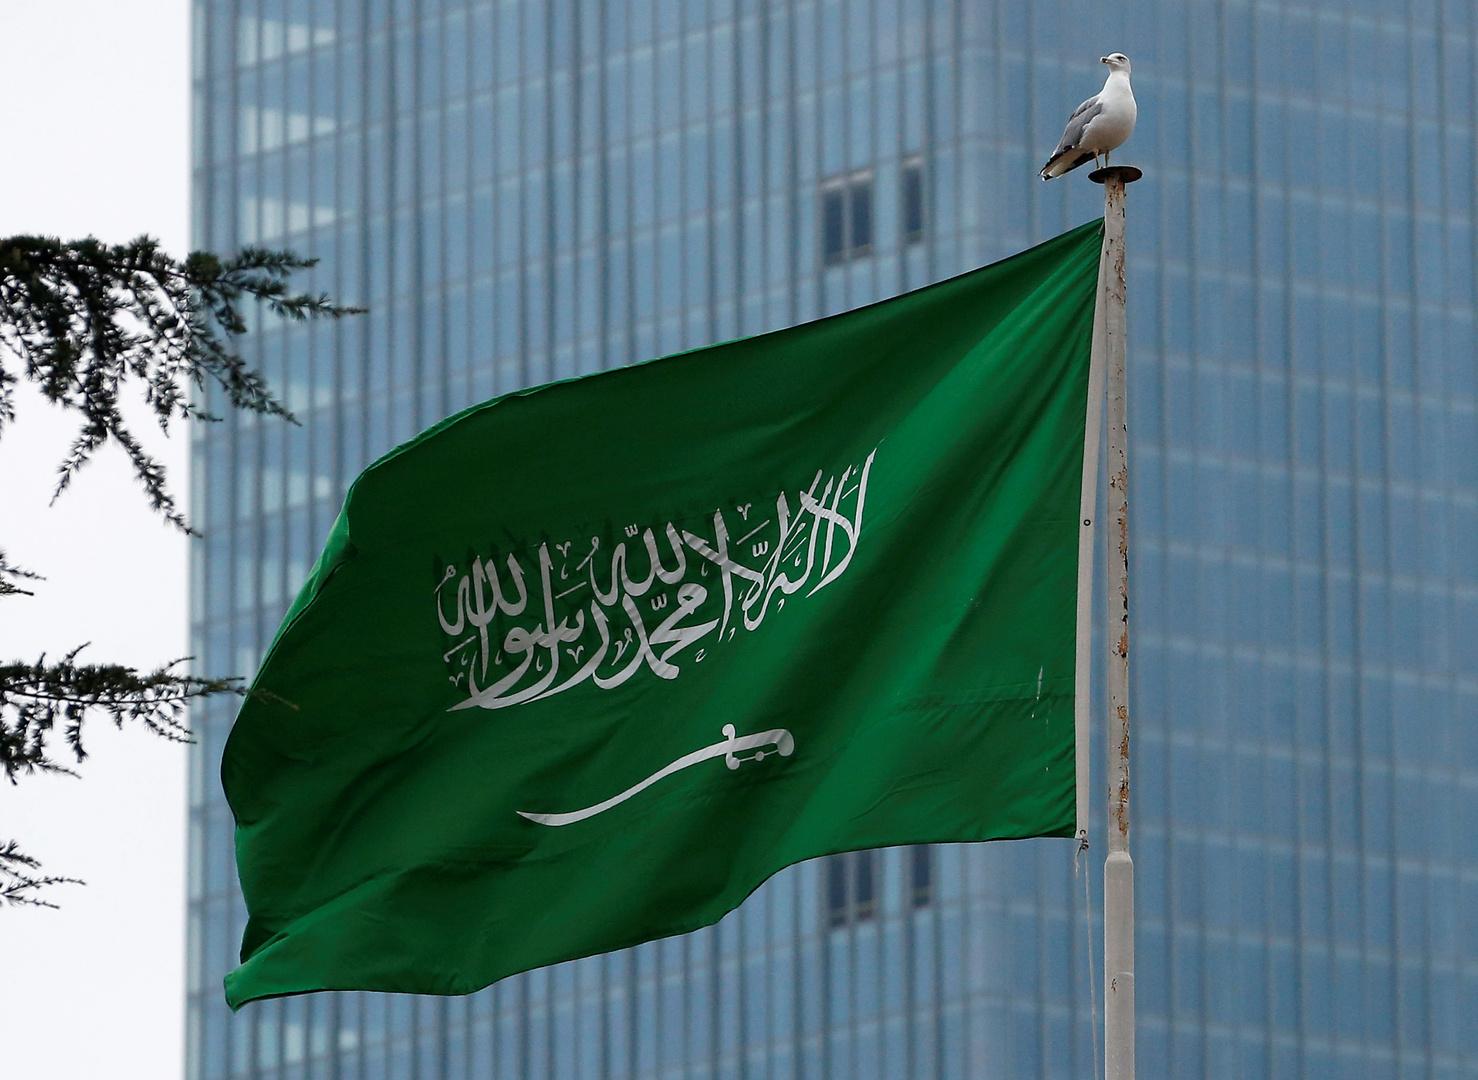 التحالف العربي يعلن إحباط هجوم جديد من الحوثيين على مطار أبها